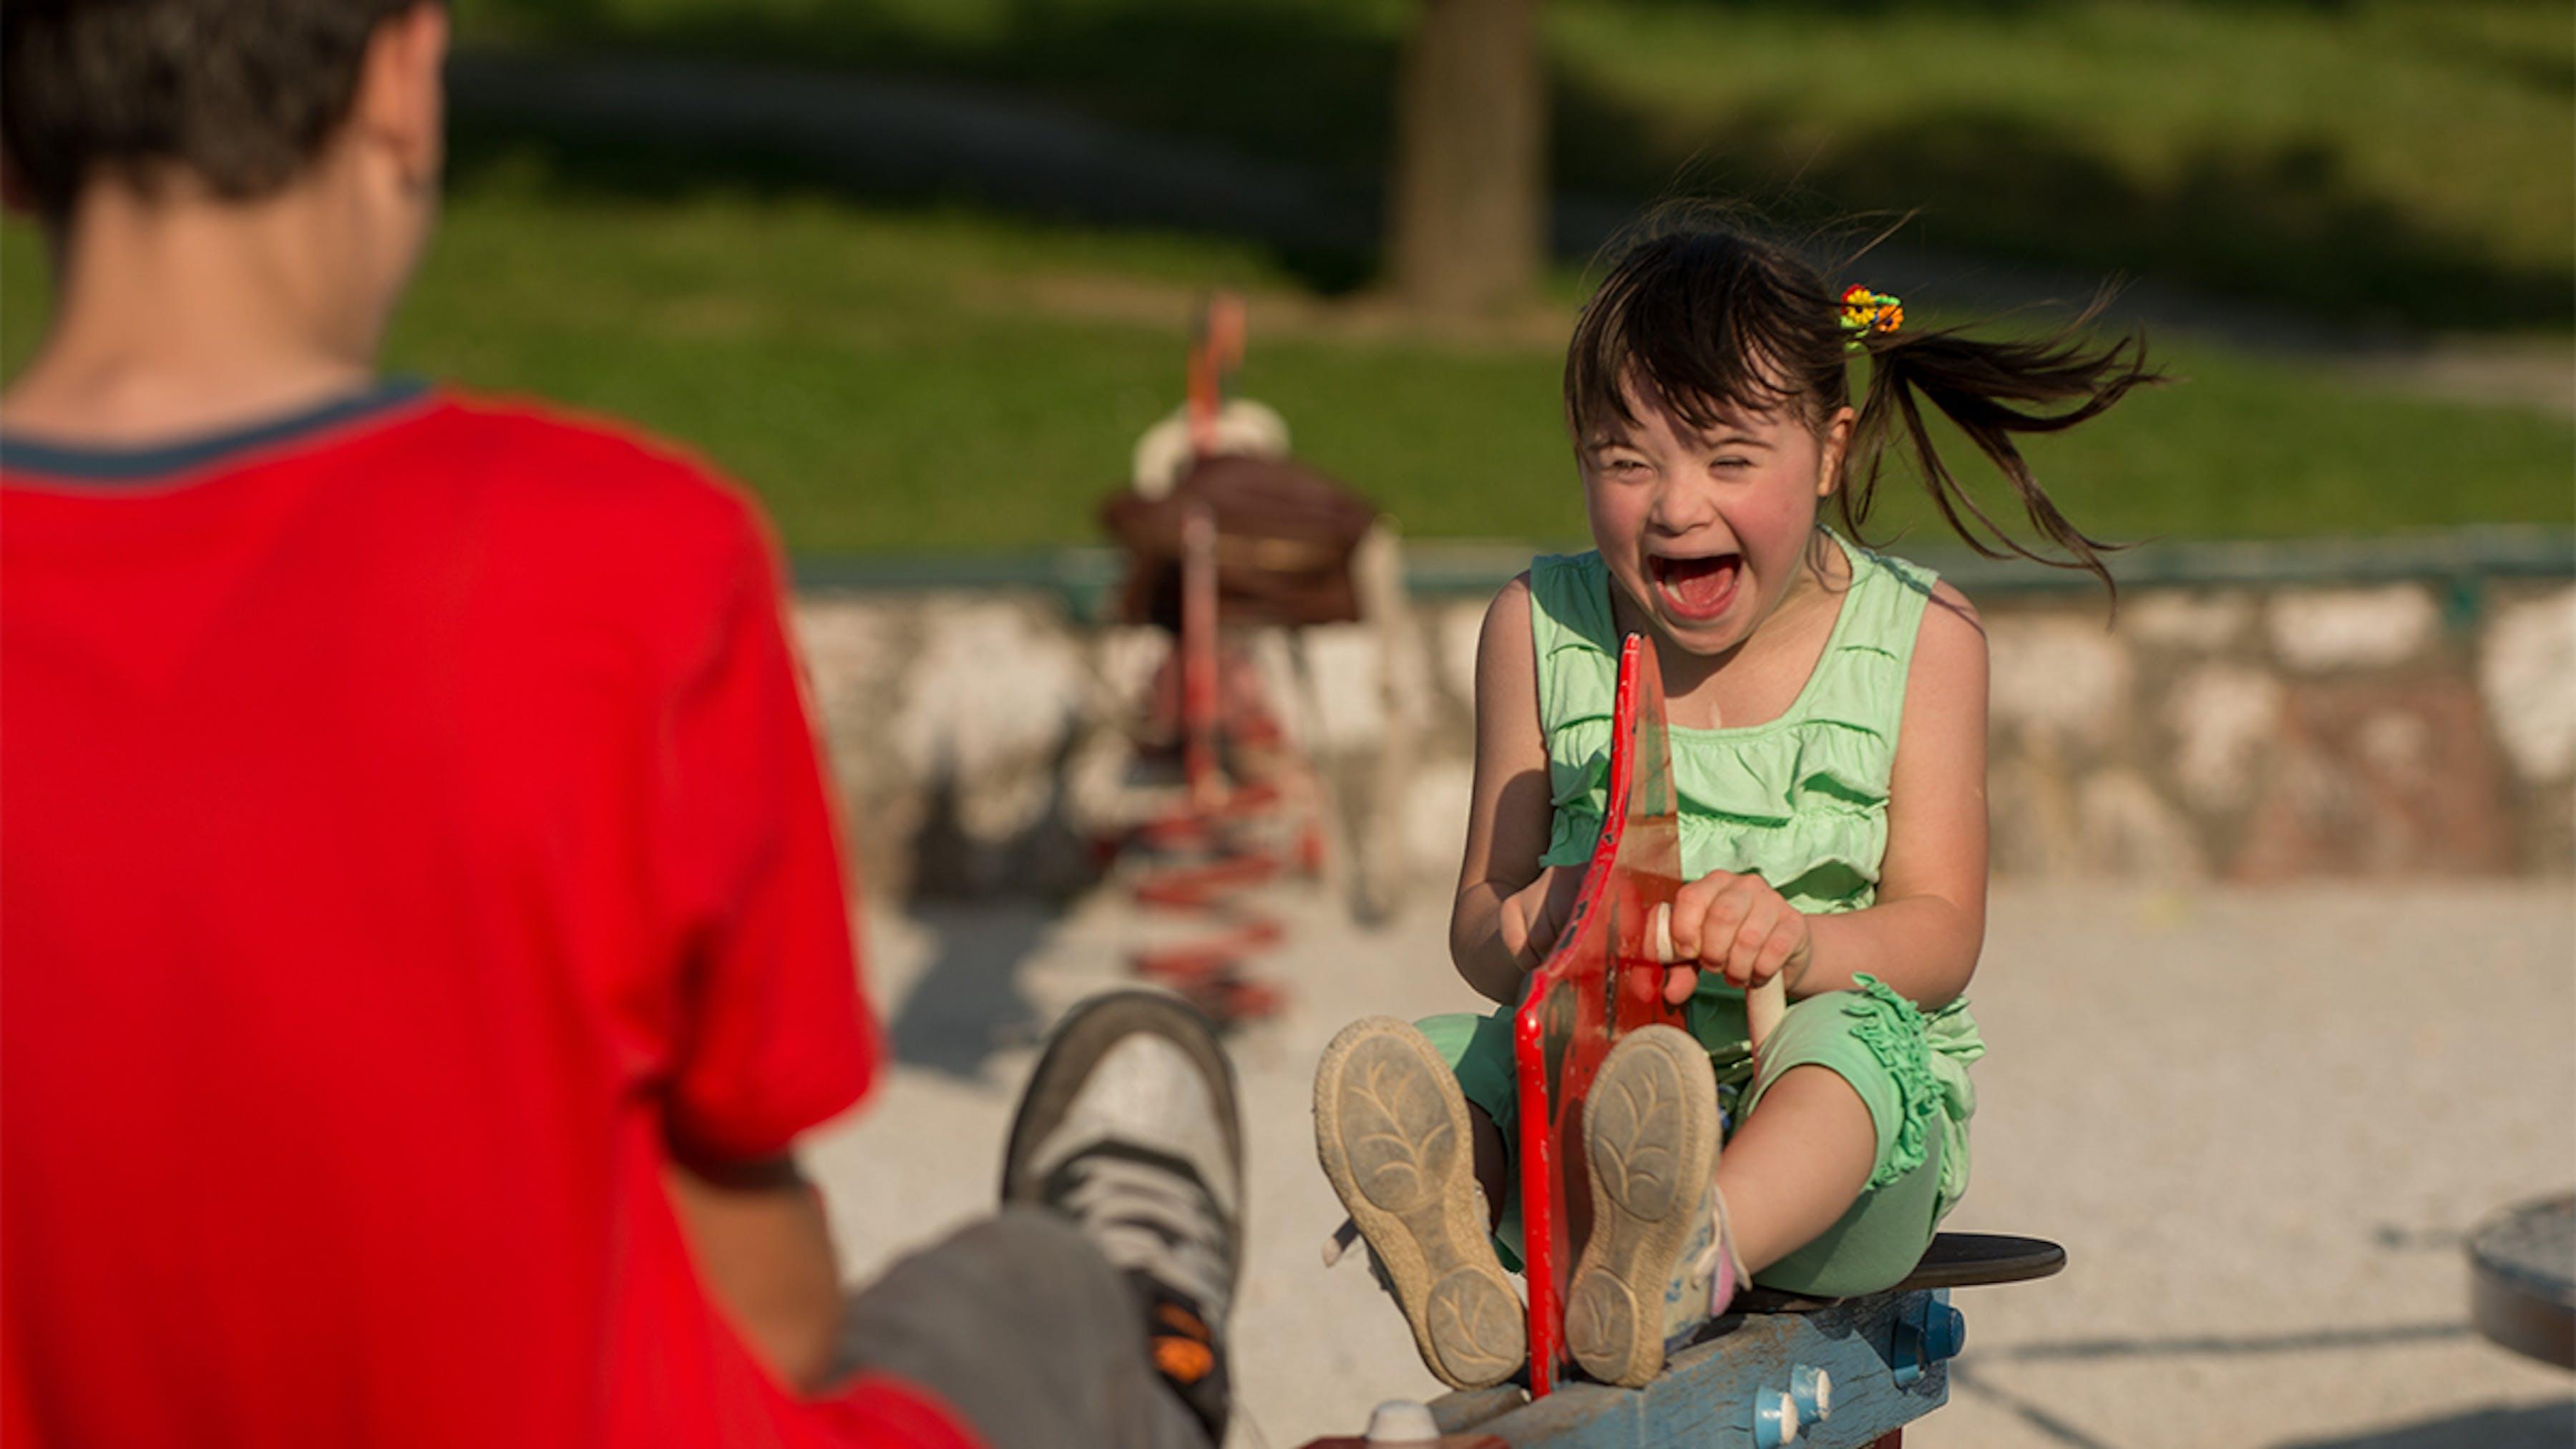 Bosnia Herzegovina, una ragazza disabile gioca con gioia nel parco.